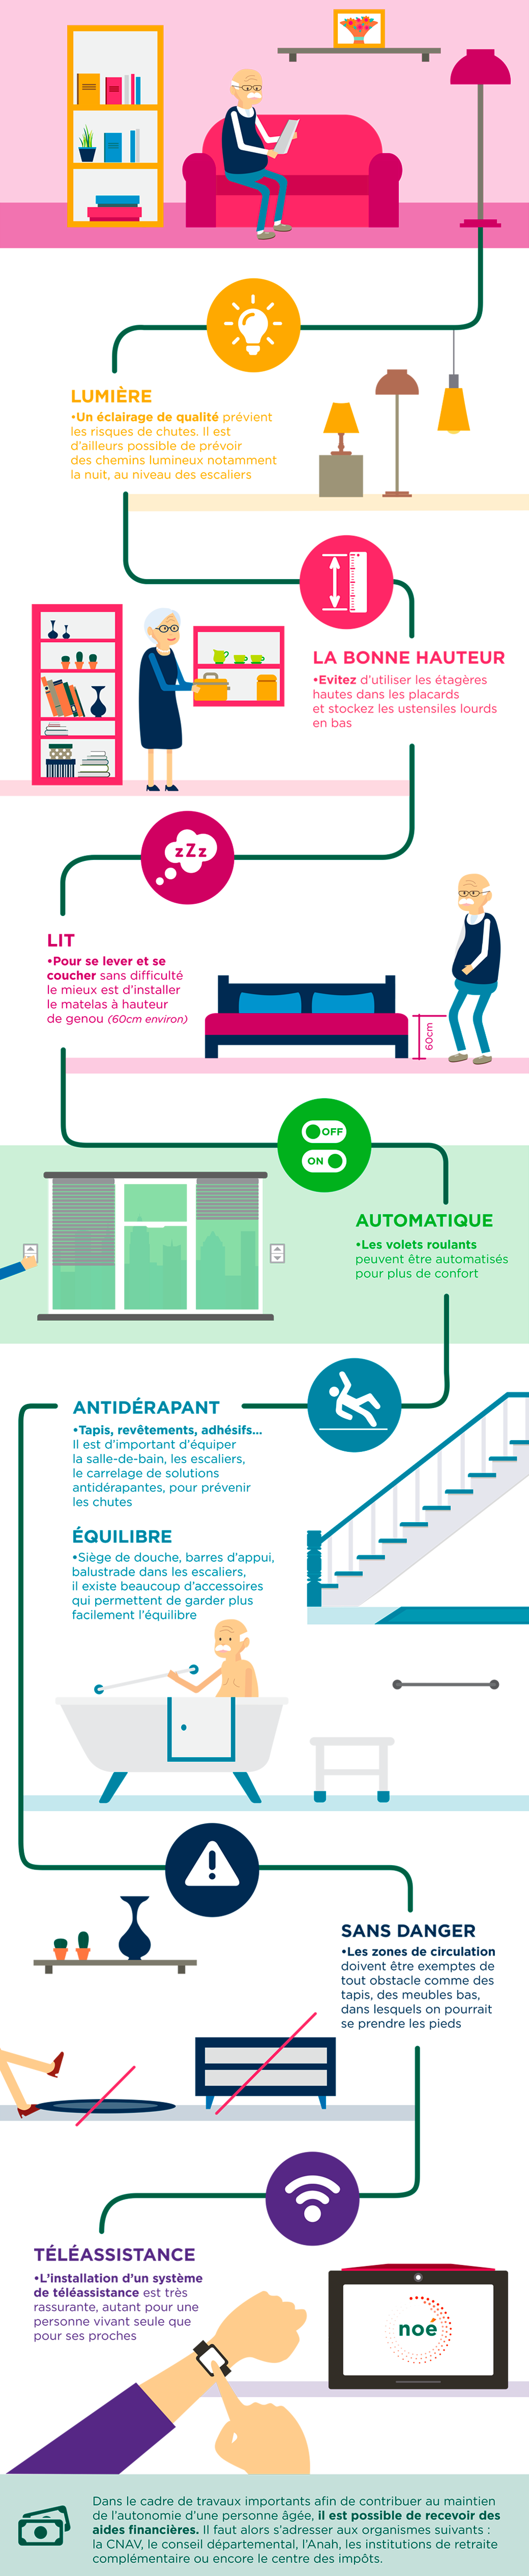 Aménagement du logement pour préserver son autonomie